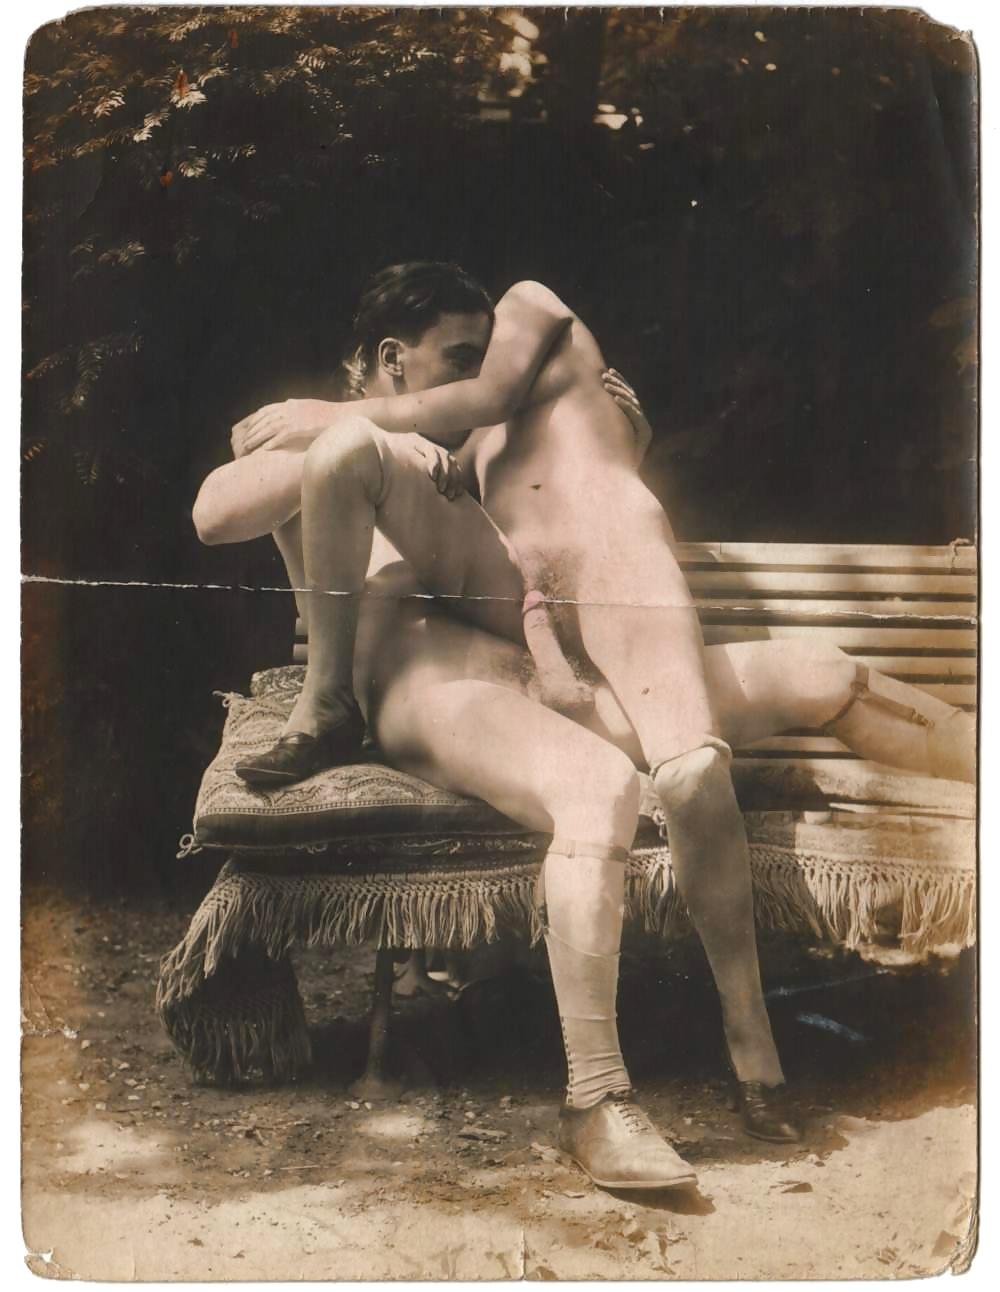 начала фотографироваться секс у крестьянок в давние времена этом сайте большими